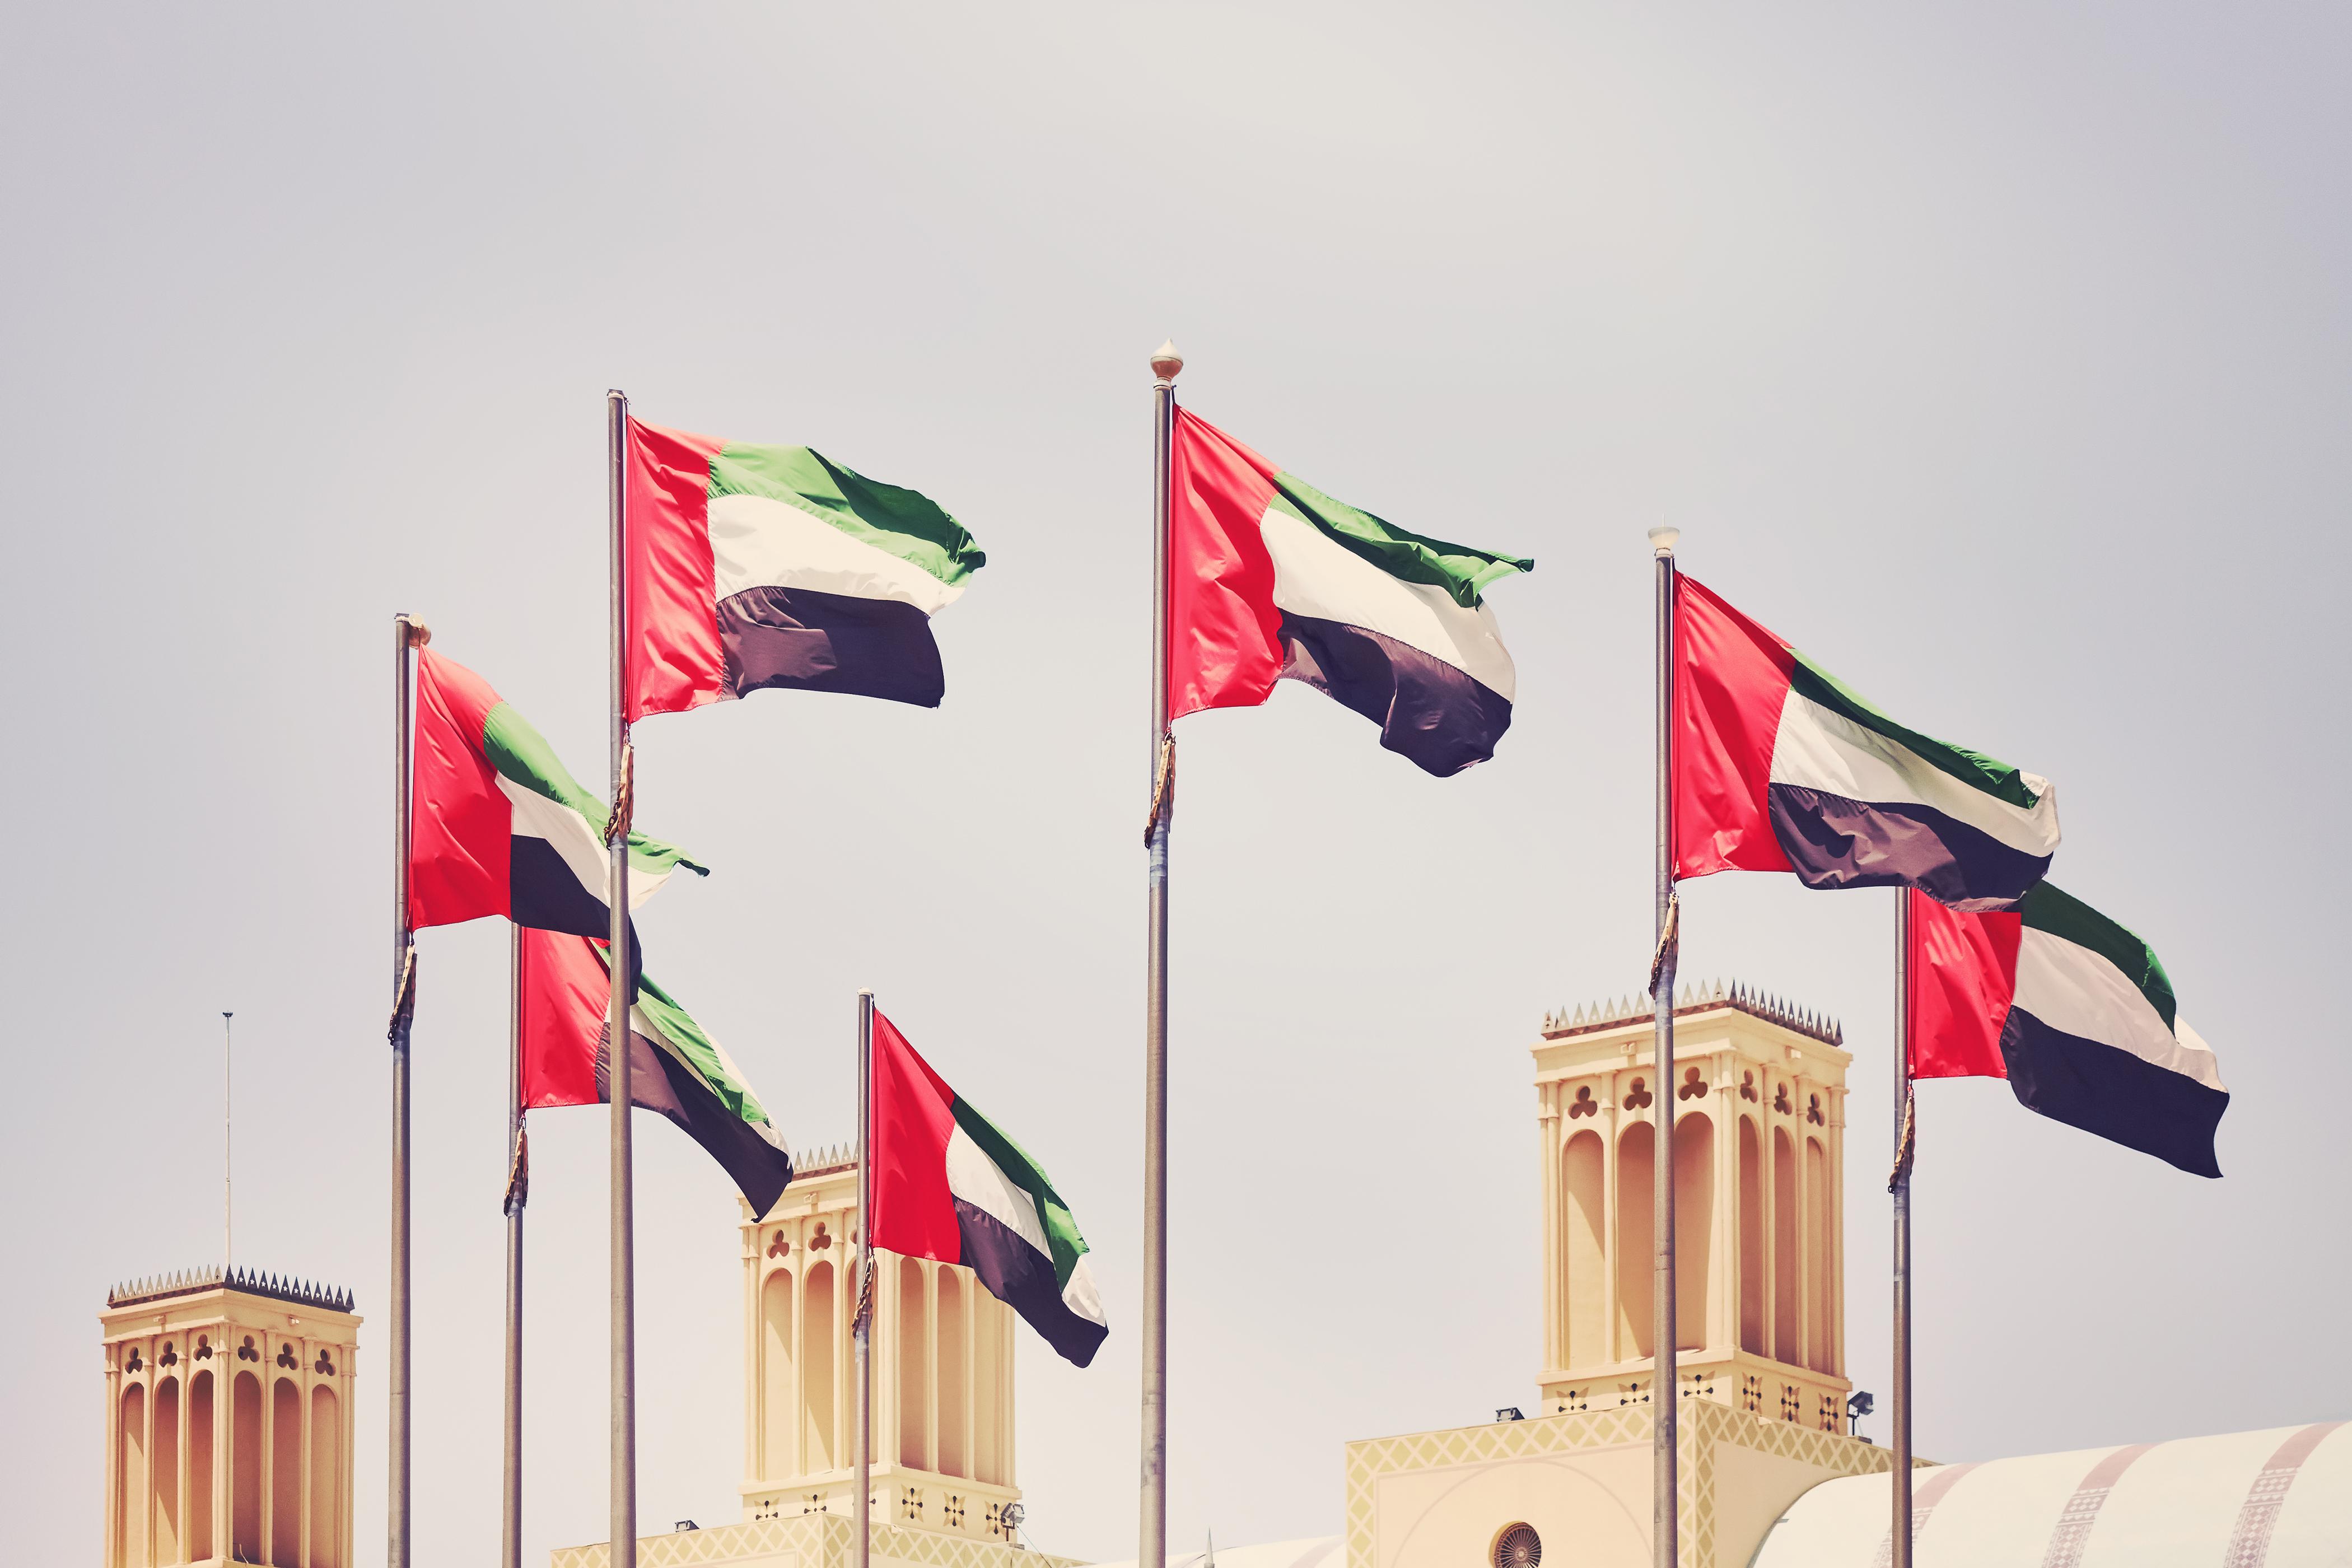 Флаги ОАЭ, где россияне могут получить ВНЖ